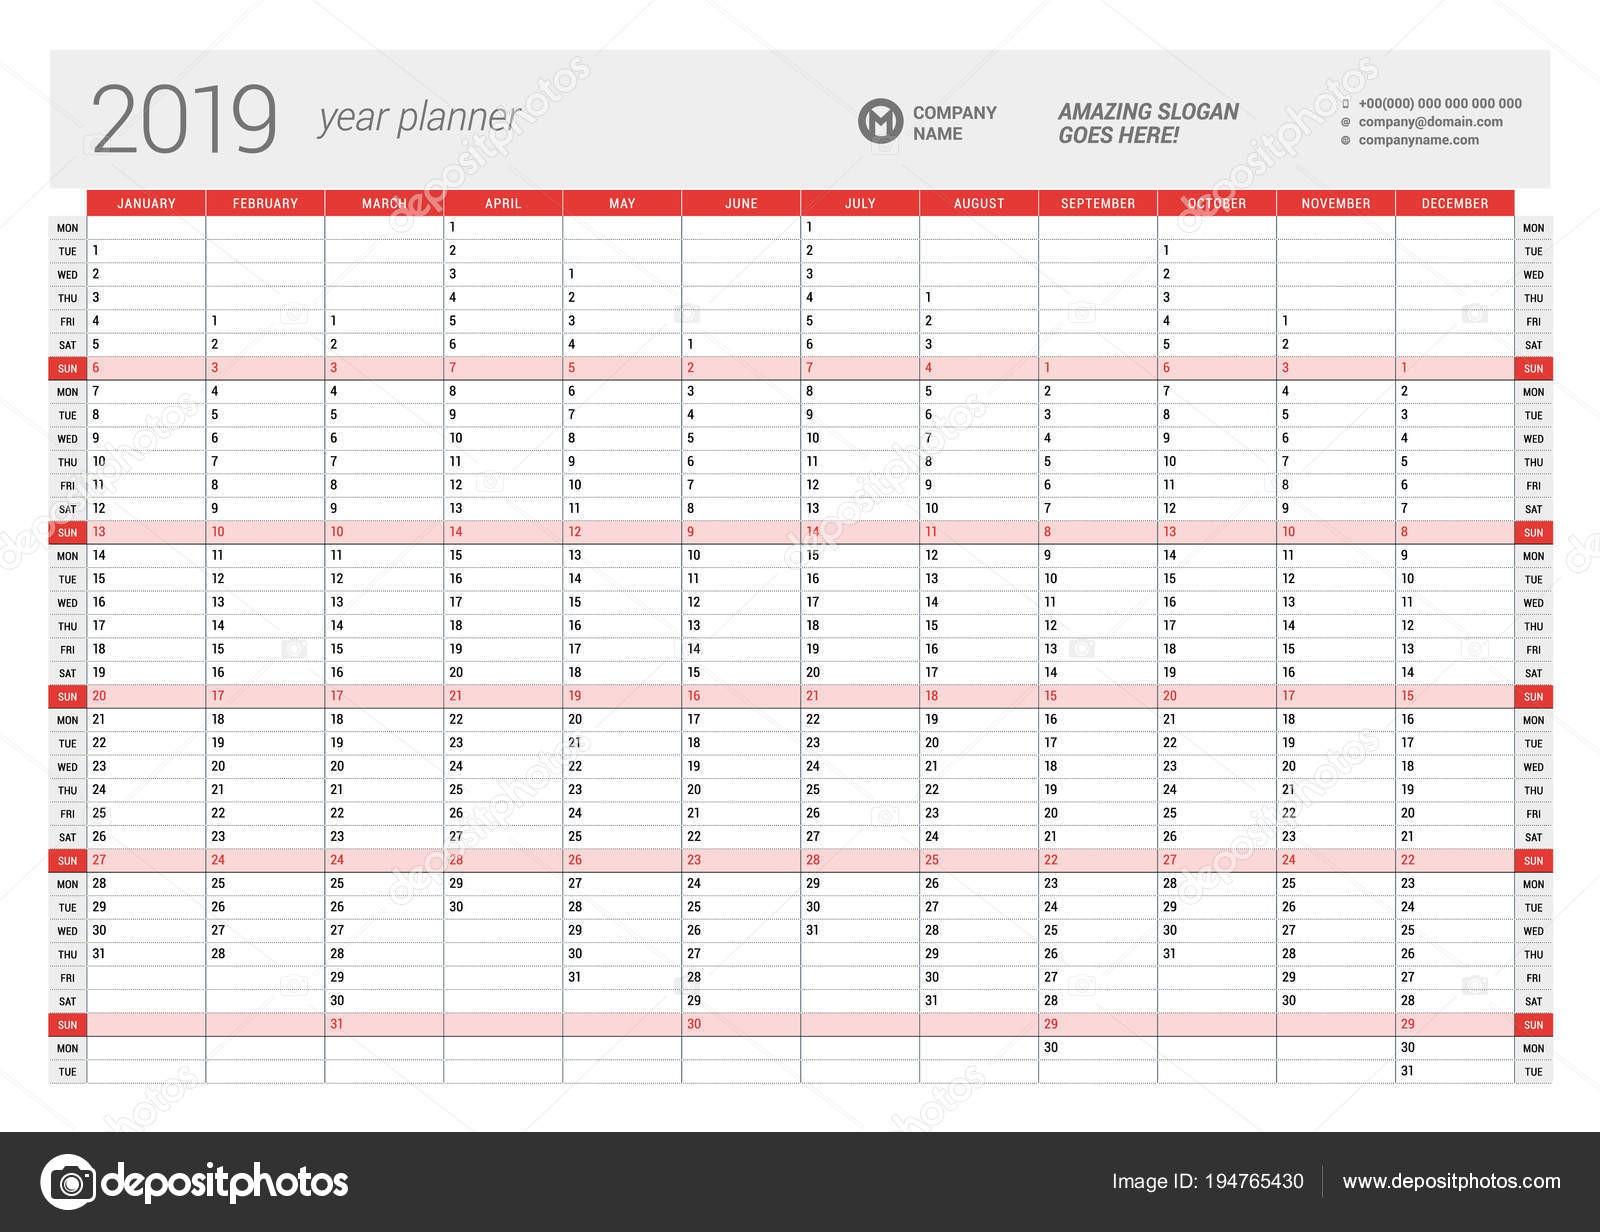 Calendario Annuale 2019 Da Stampare Gratis Más Reciente Annuale Parete Calendario Planner Modello Per L Anno 2019 Modello